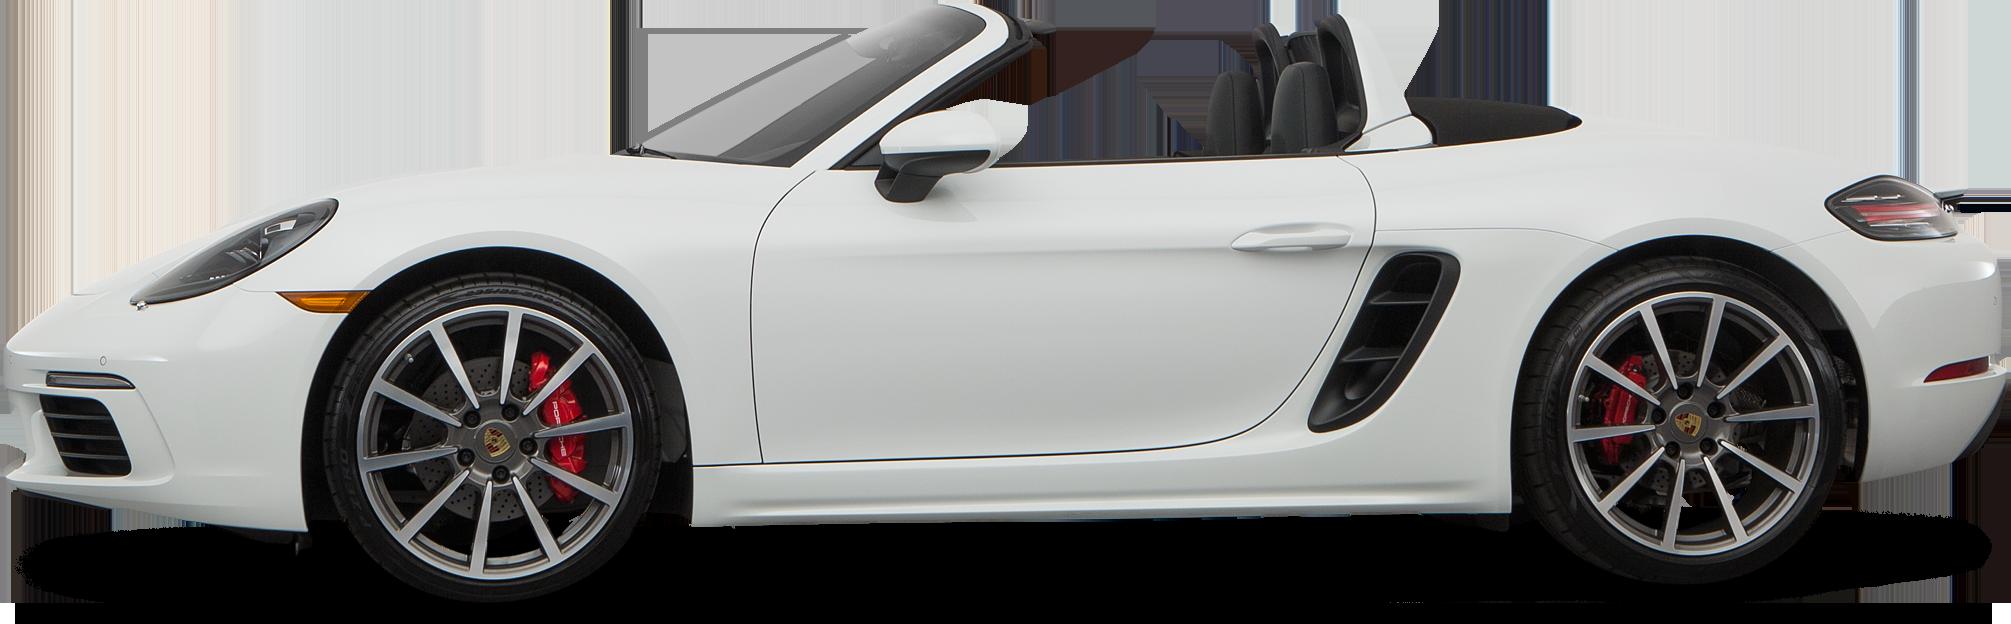 2019 Porsche 718 Boxster Cabriolet S